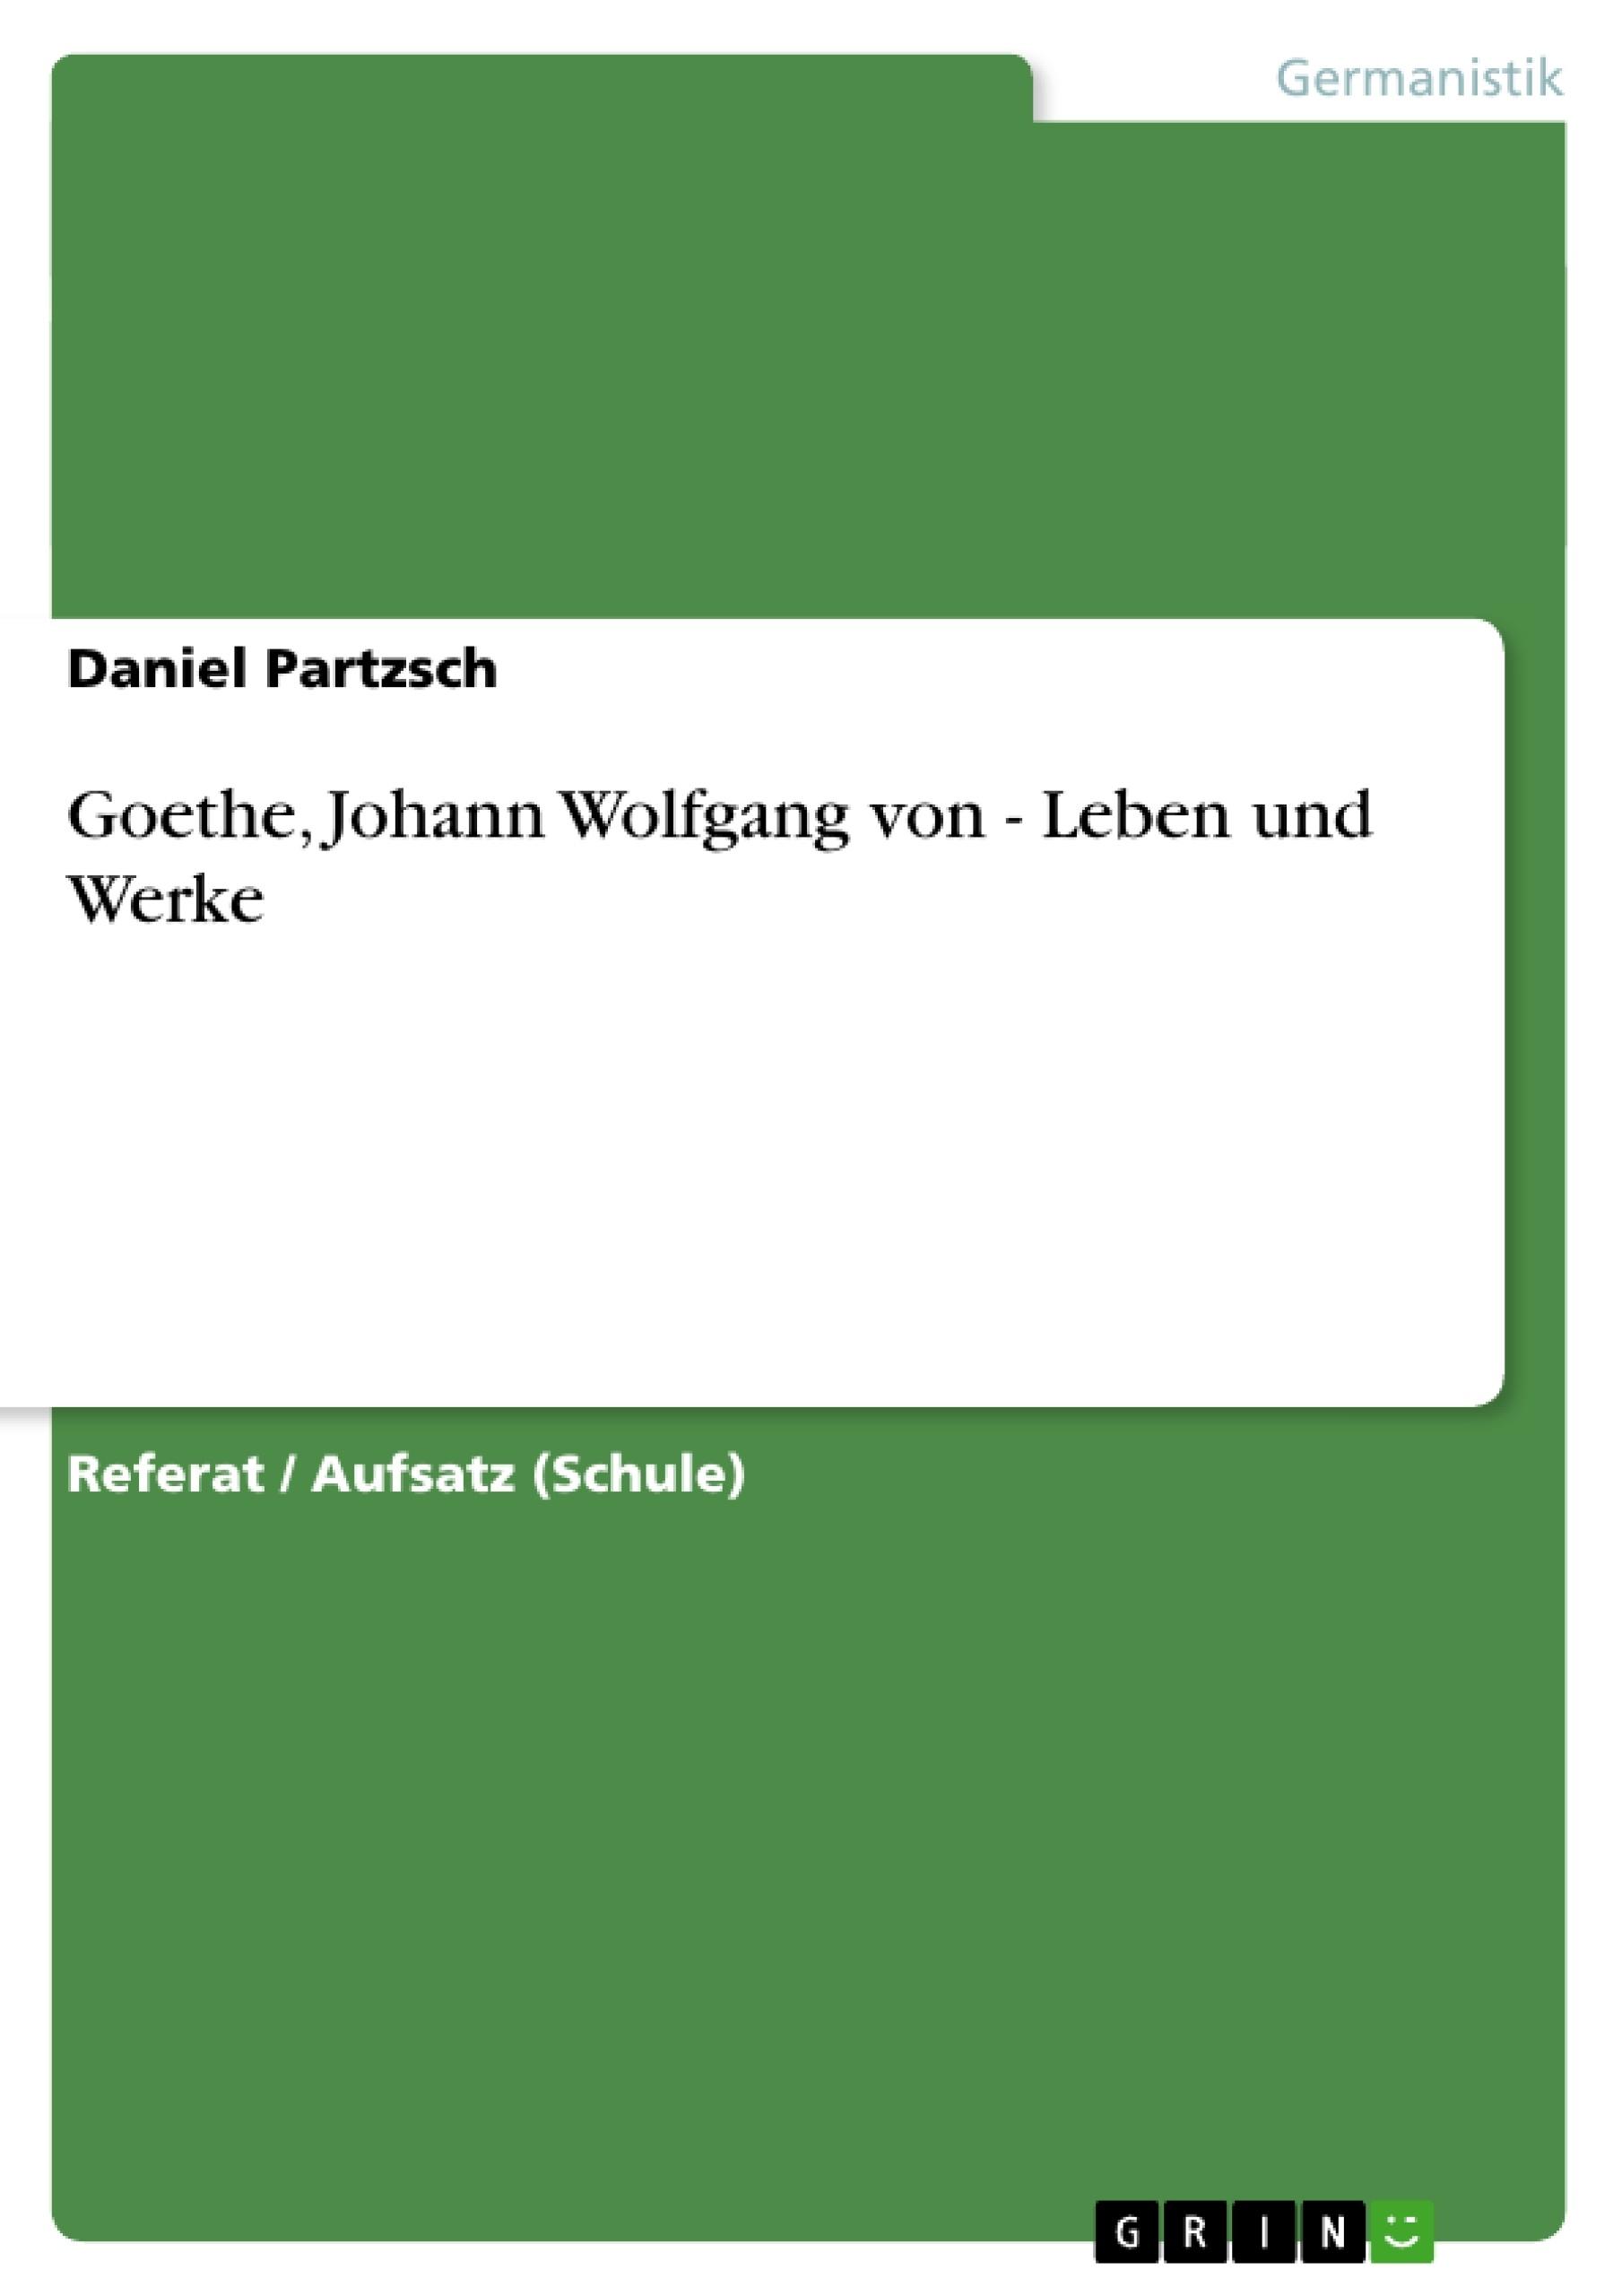 Titel: Goethe, Johann Wolfgang von - Leben und Werke